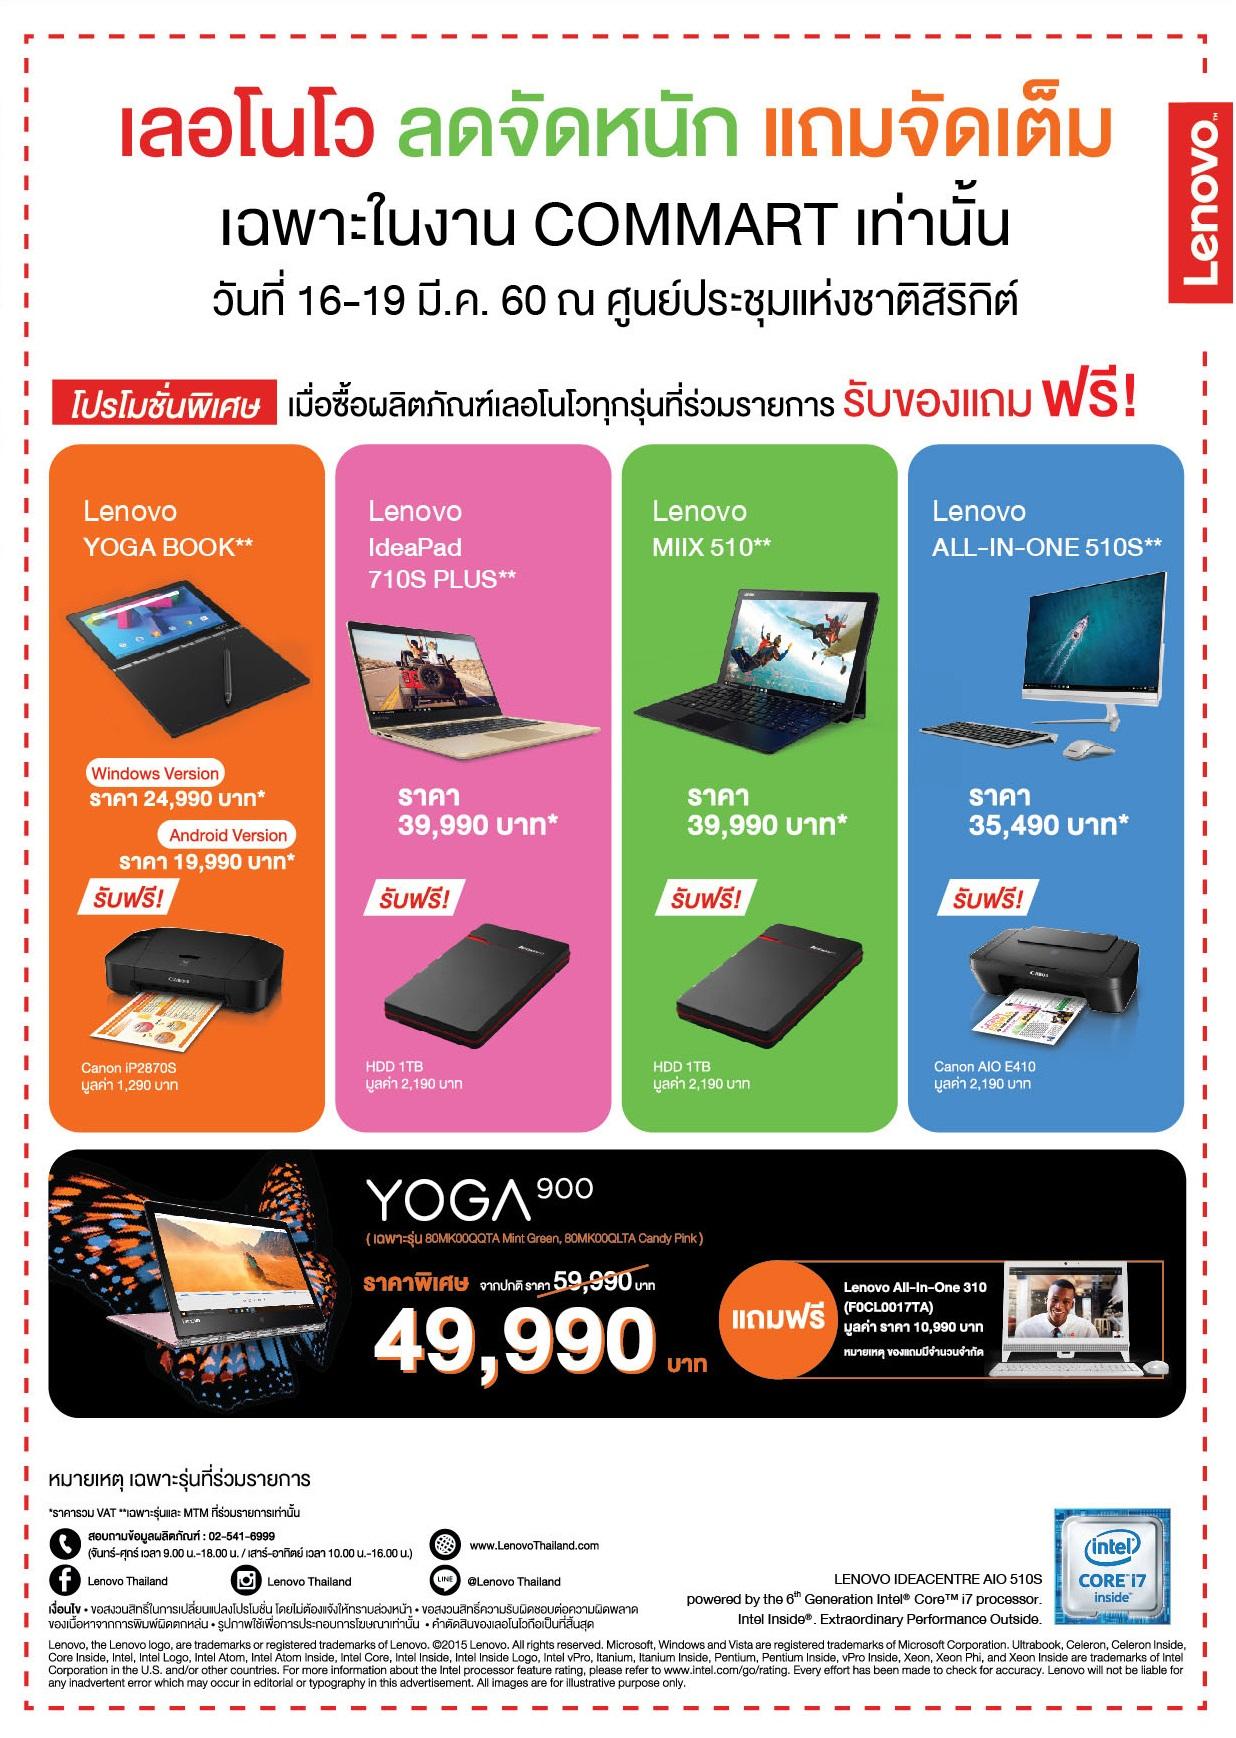 2017-March-Commart-Leaflet - Copy